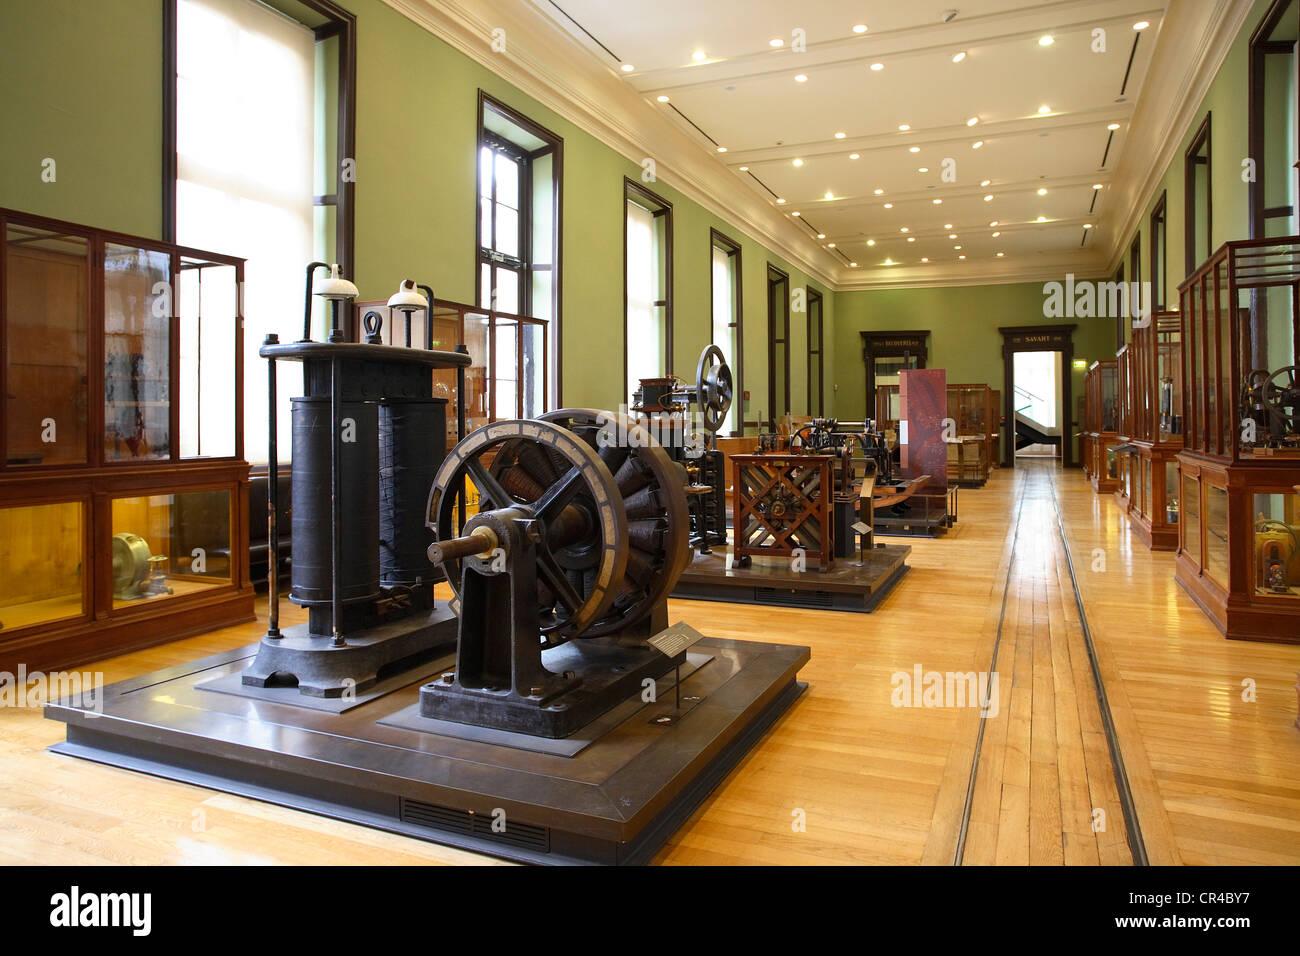 France paris musee des arts et metiers arts and crafts - Chambre de l artisanat et des metiers ...